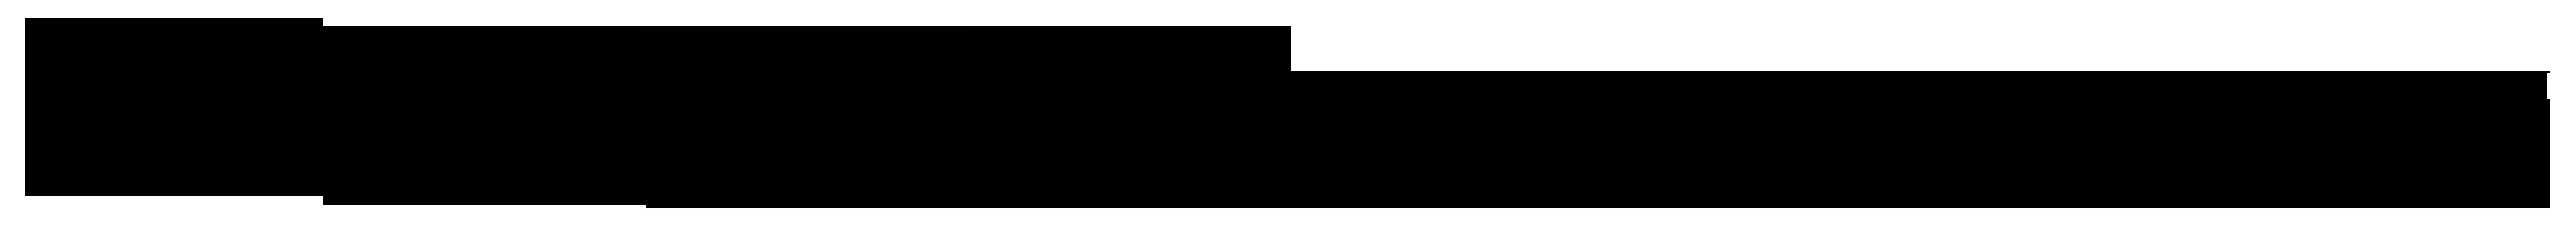 regua de logos